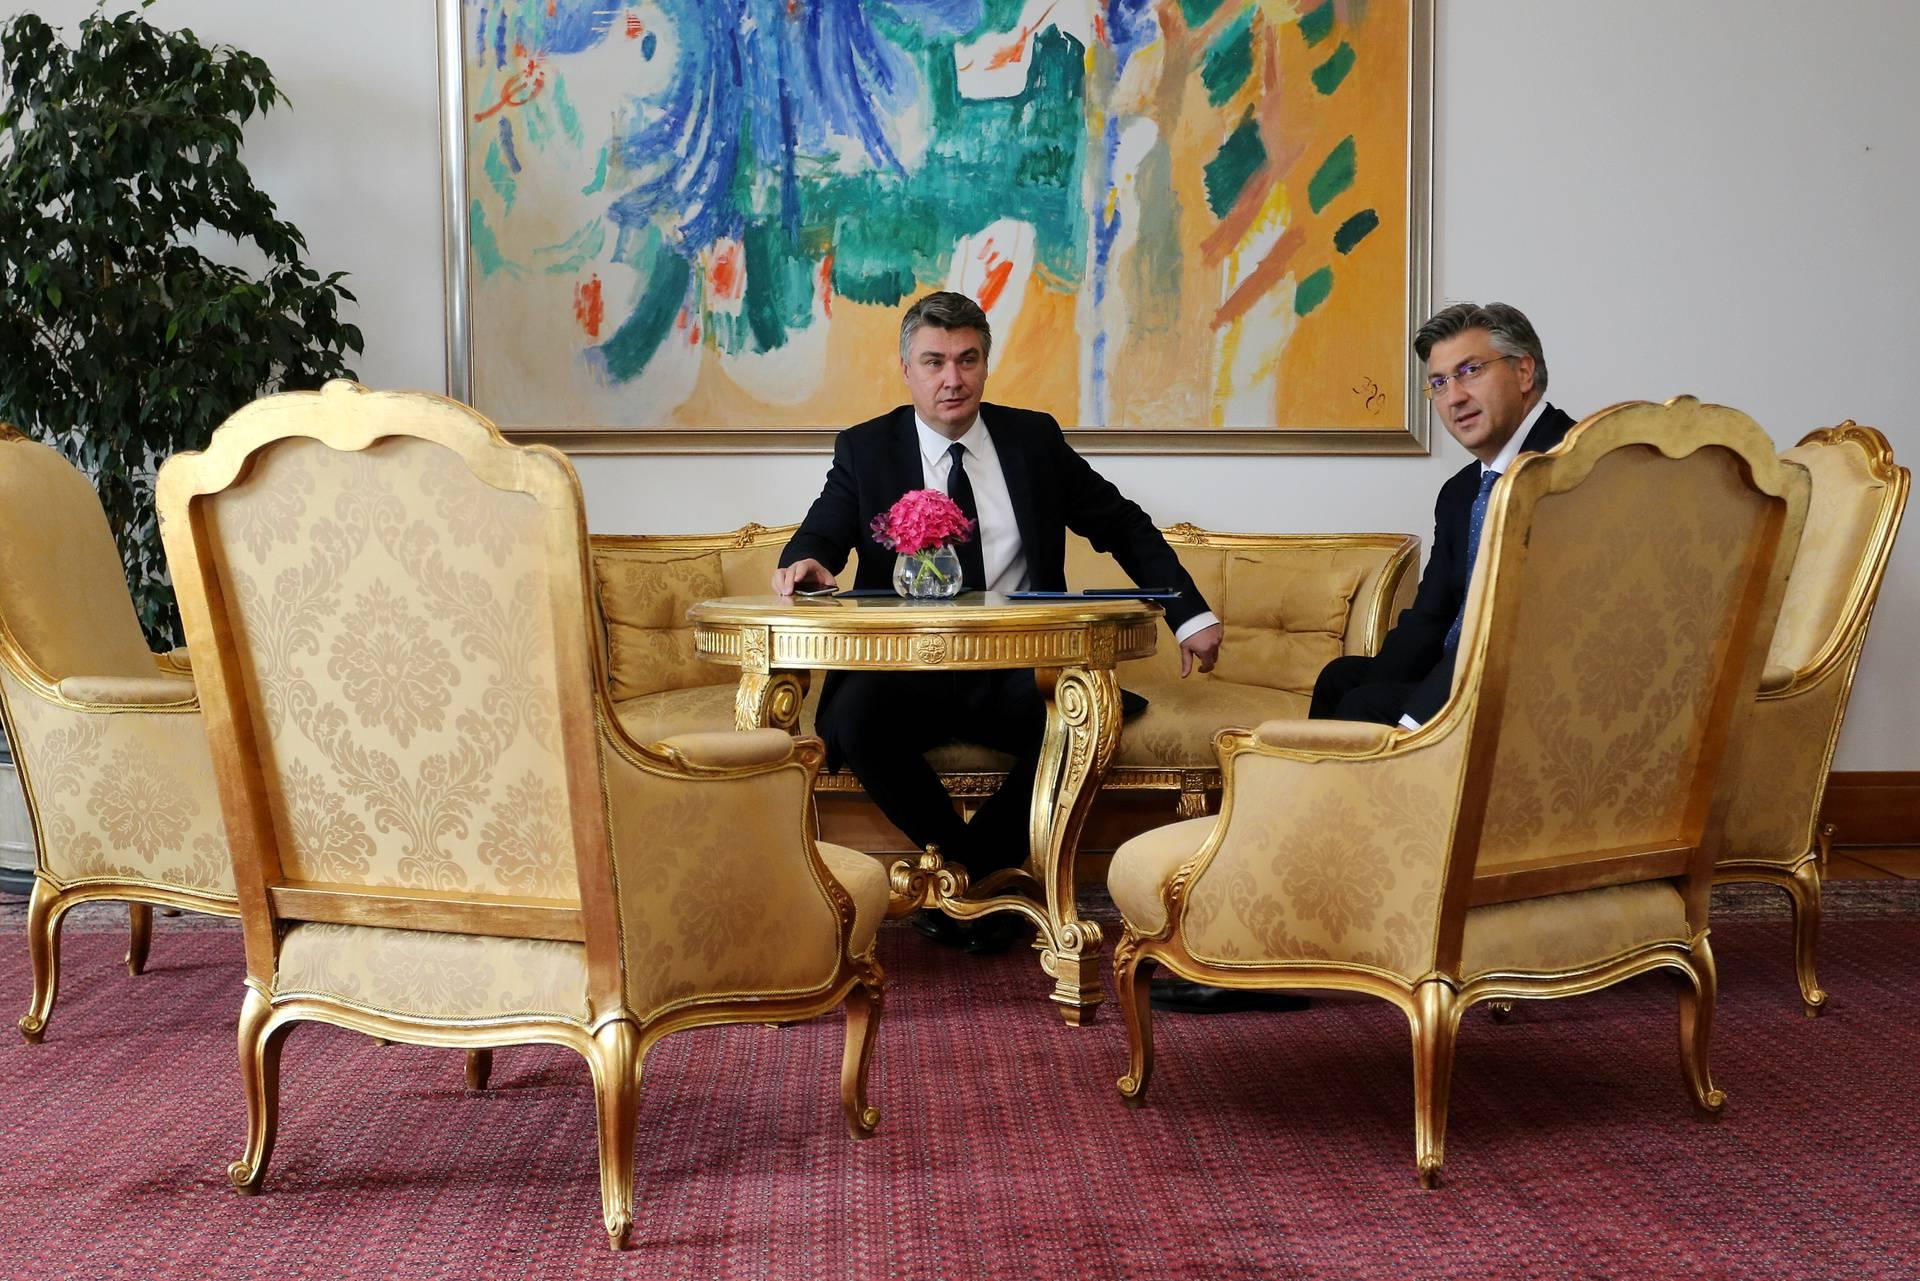 Milanović: Ne može se 'Za dom spremni' tretirati kao kad se netko napije i razbije bocu